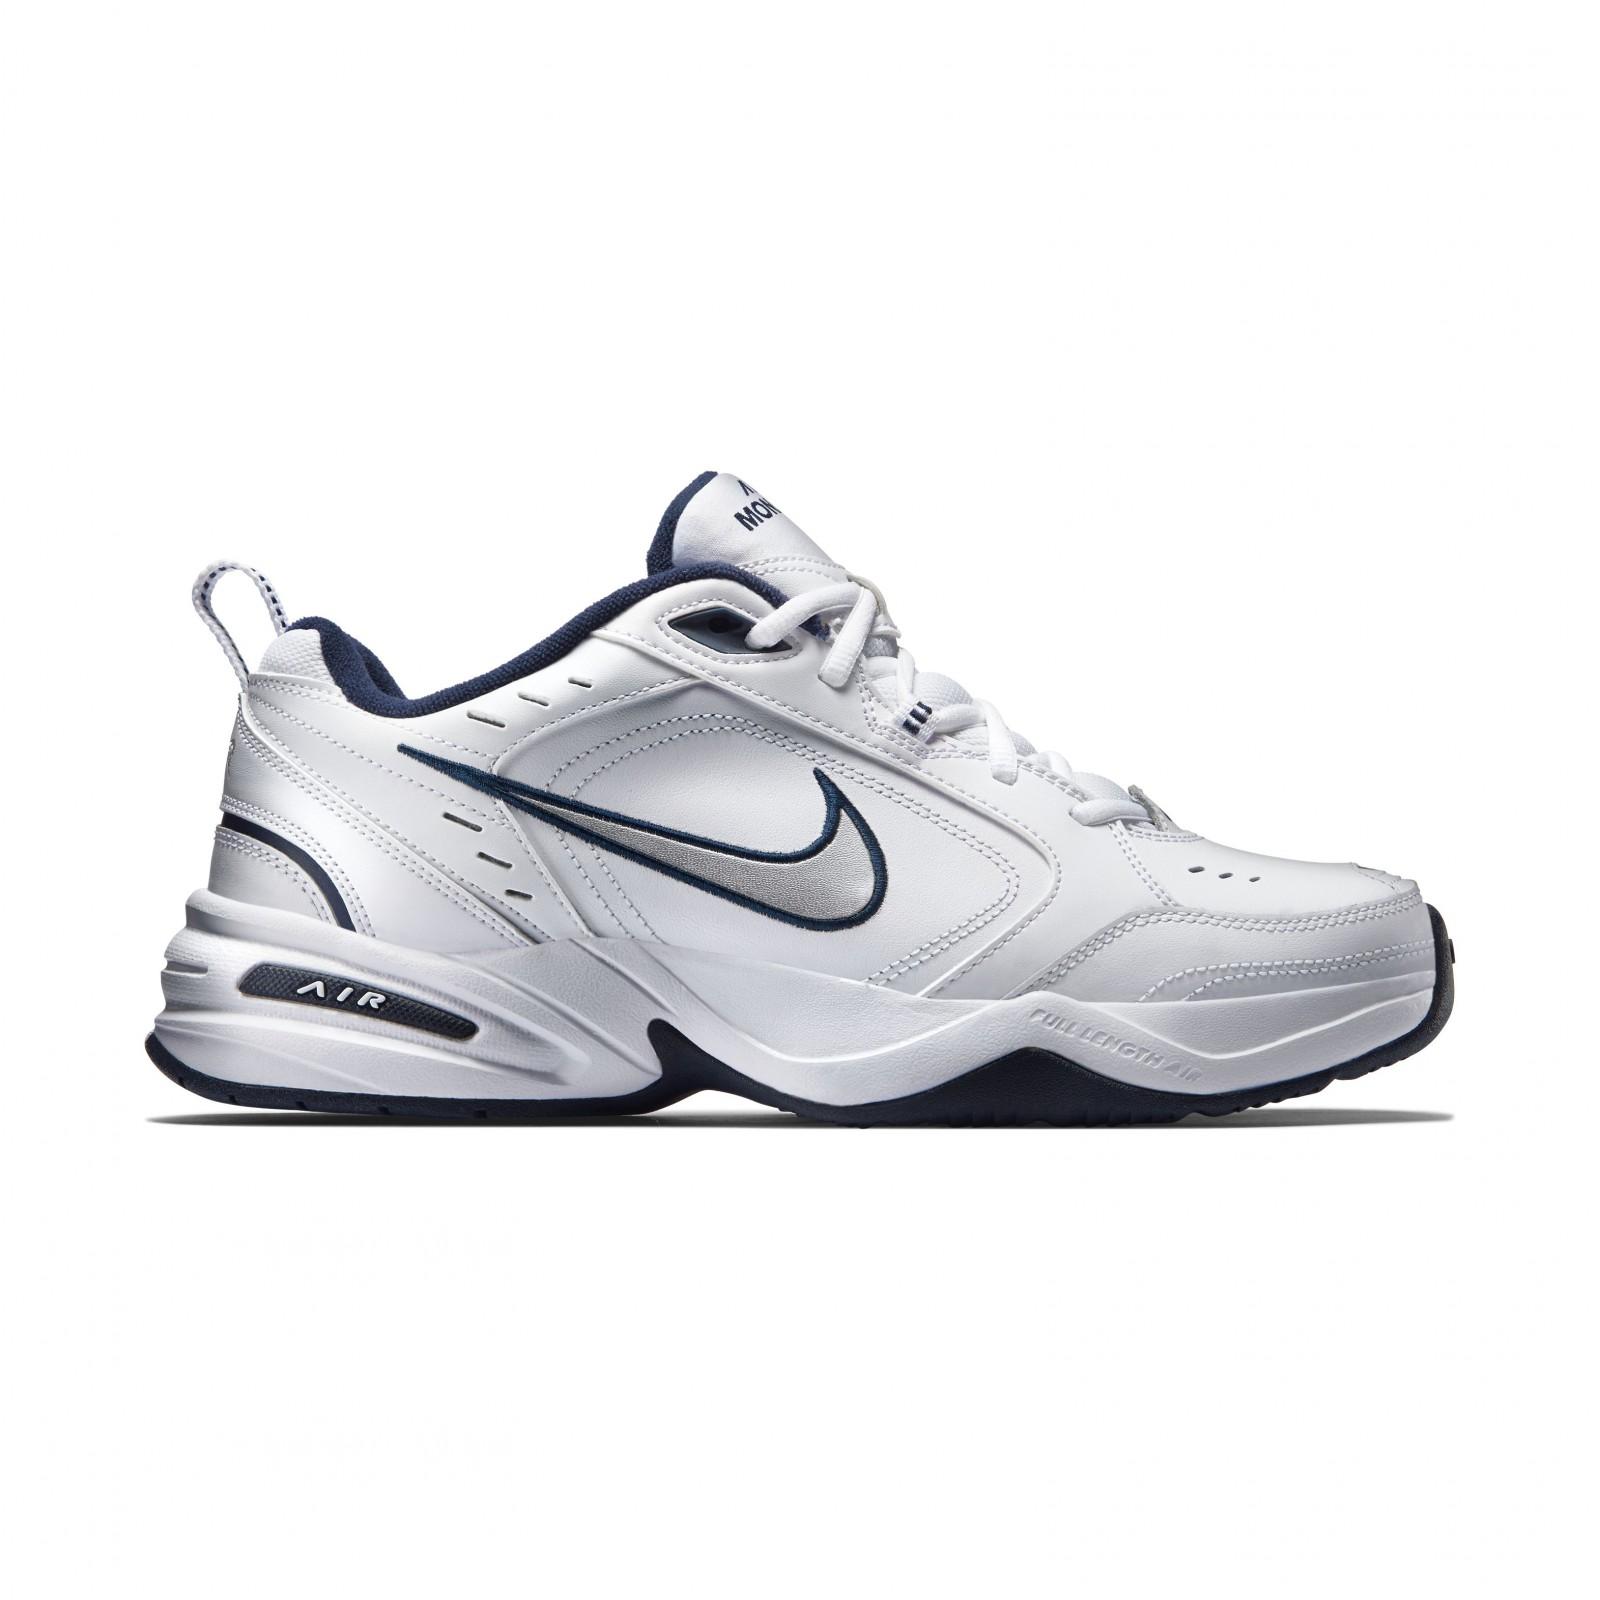 Nike Air Monarch Iv Lifestylegym Shoe